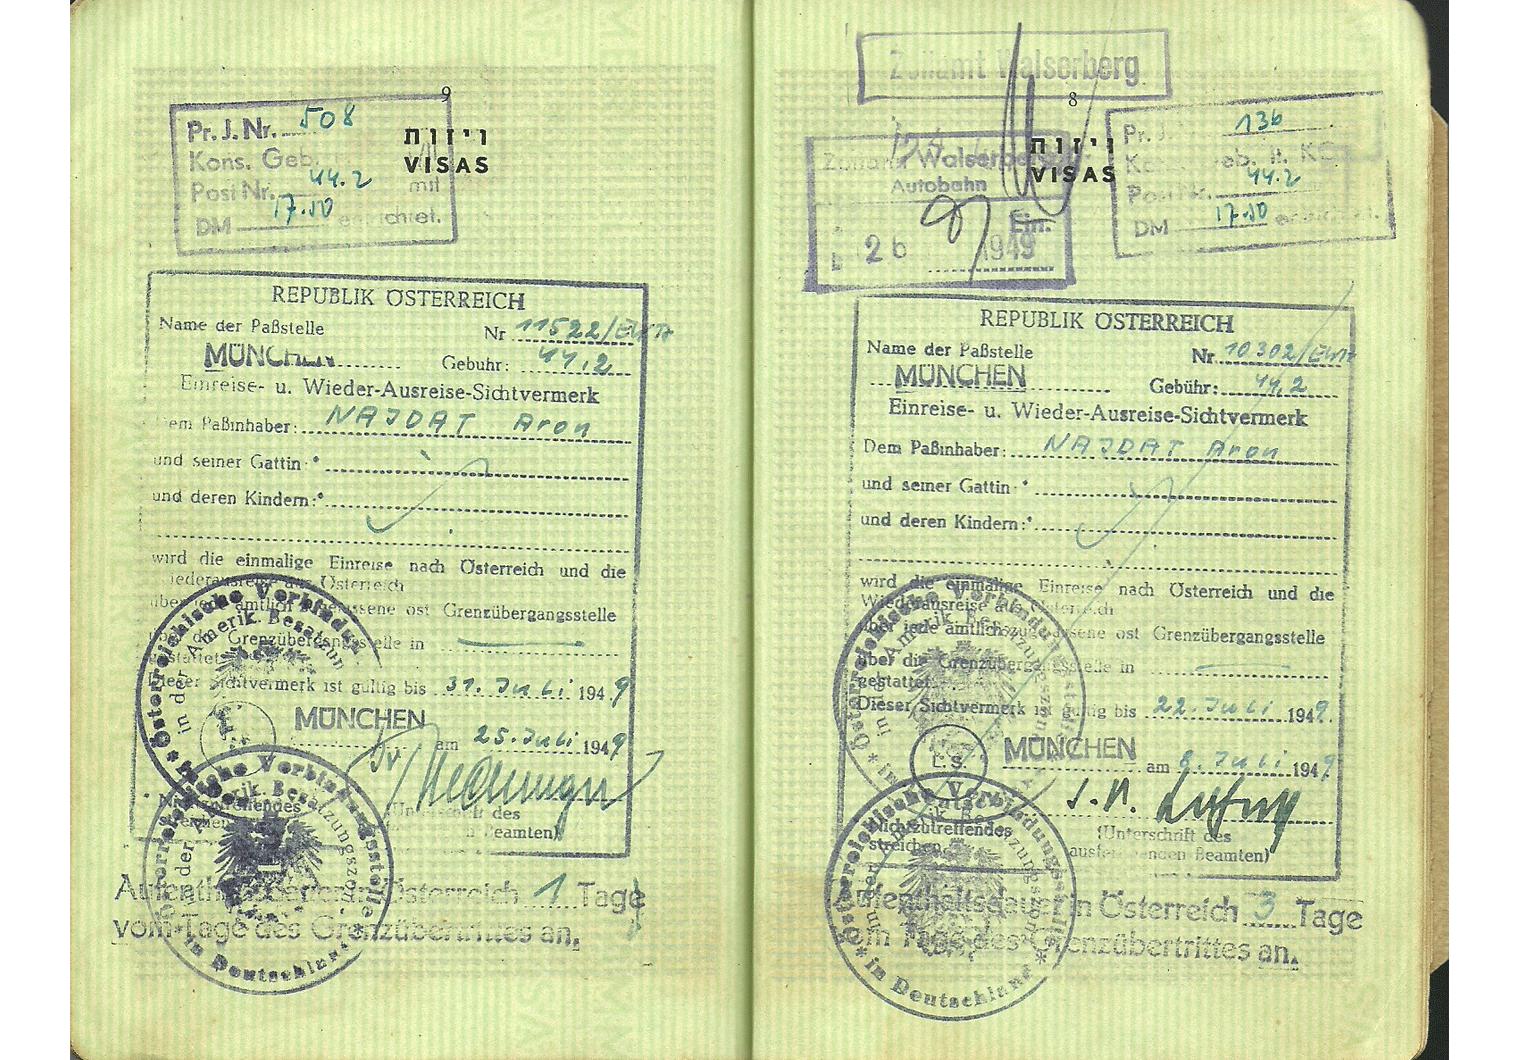 AMG visa 1949